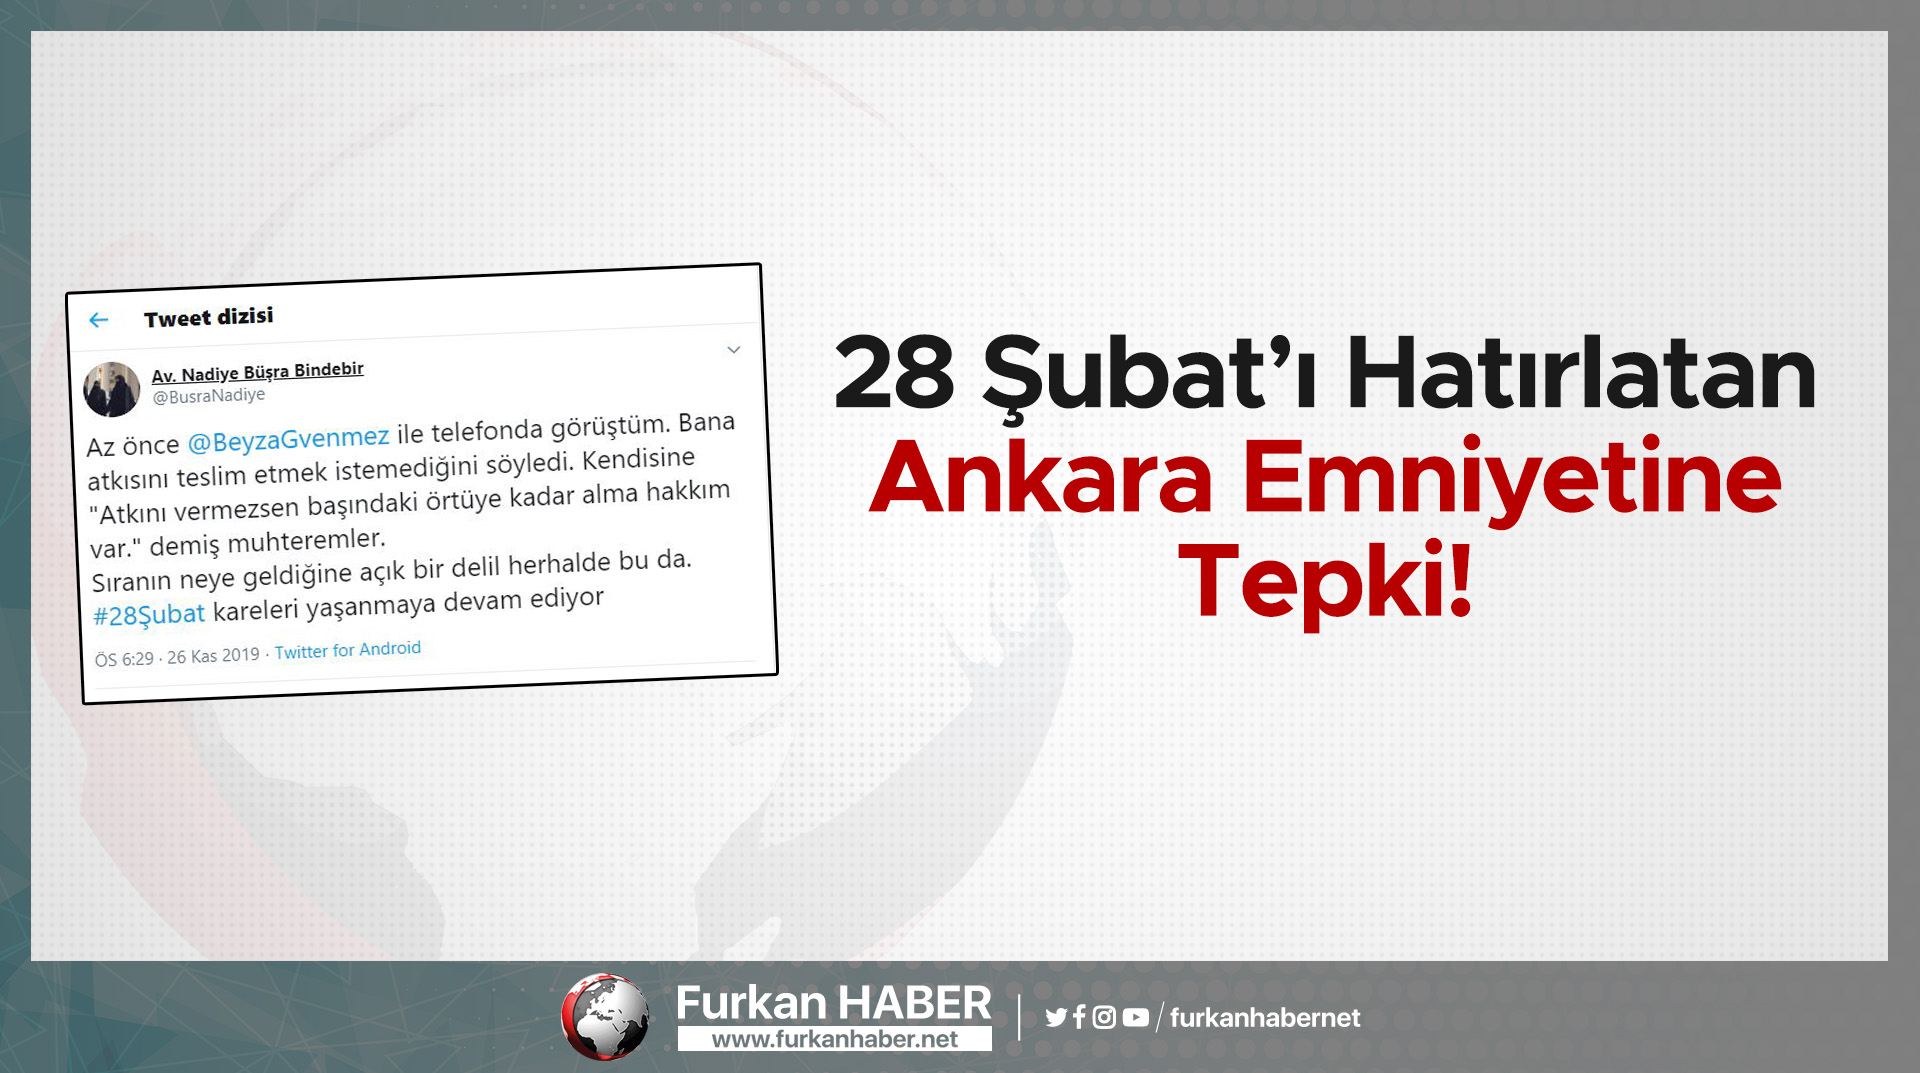 28 Şubat'ı Hatırlatan Ankara Emniyetine Tepki!